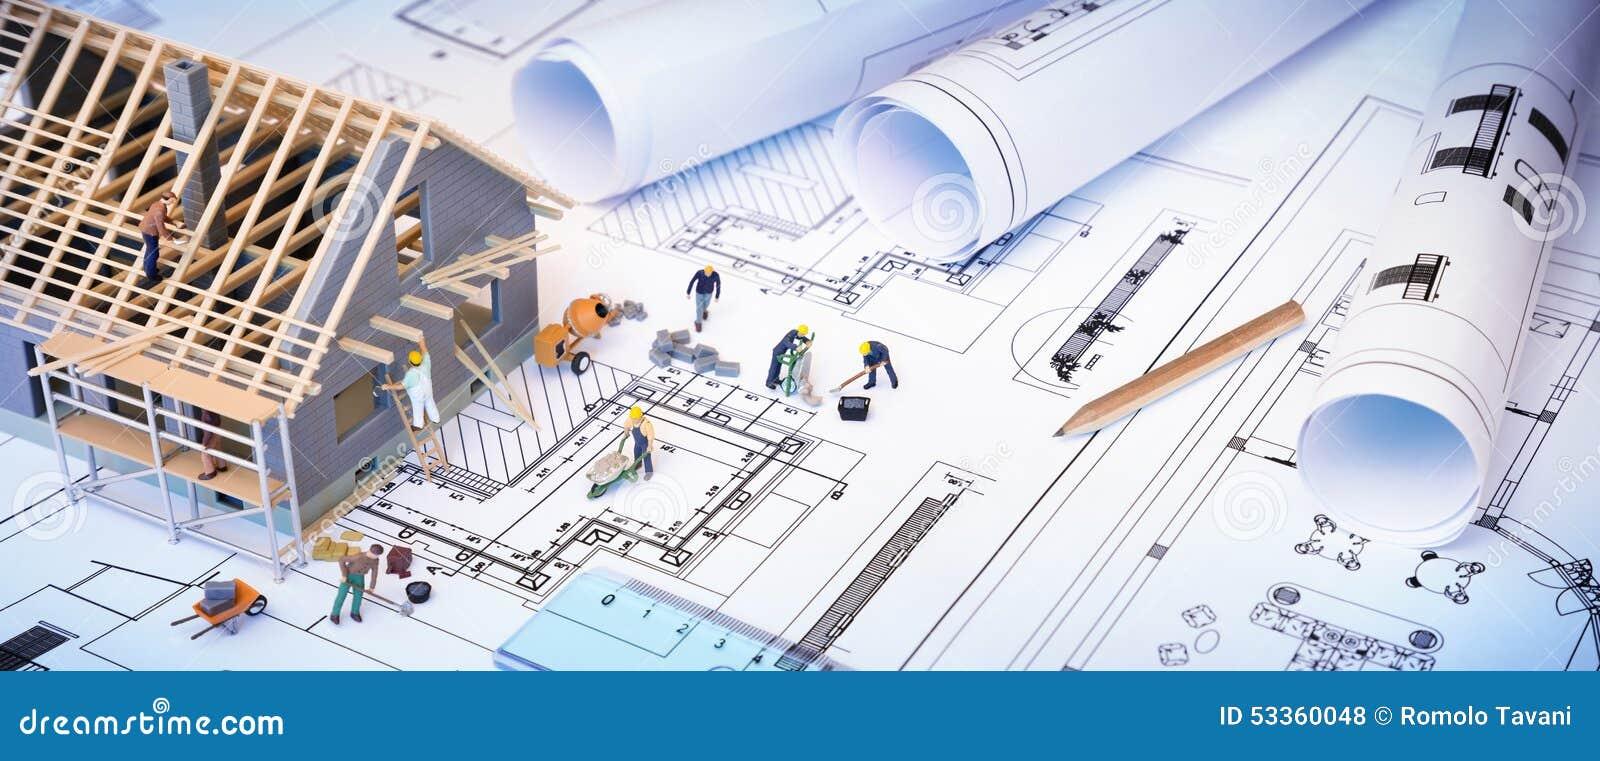 Haus im Bau auf Plänen